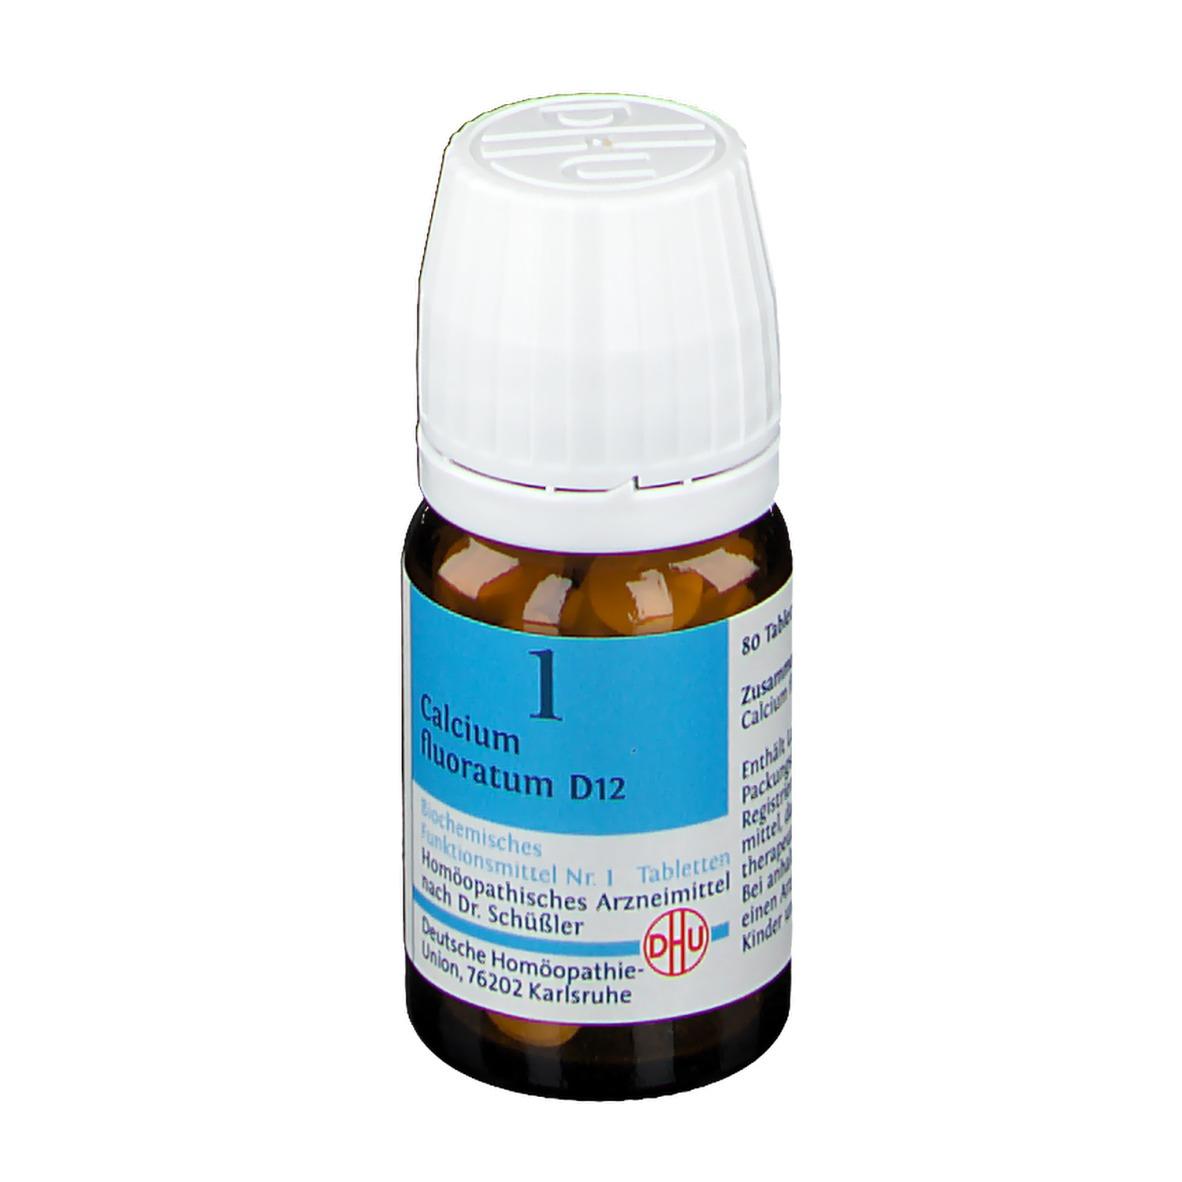 DHU Biochemie 1 Calcium fluoratum D 12